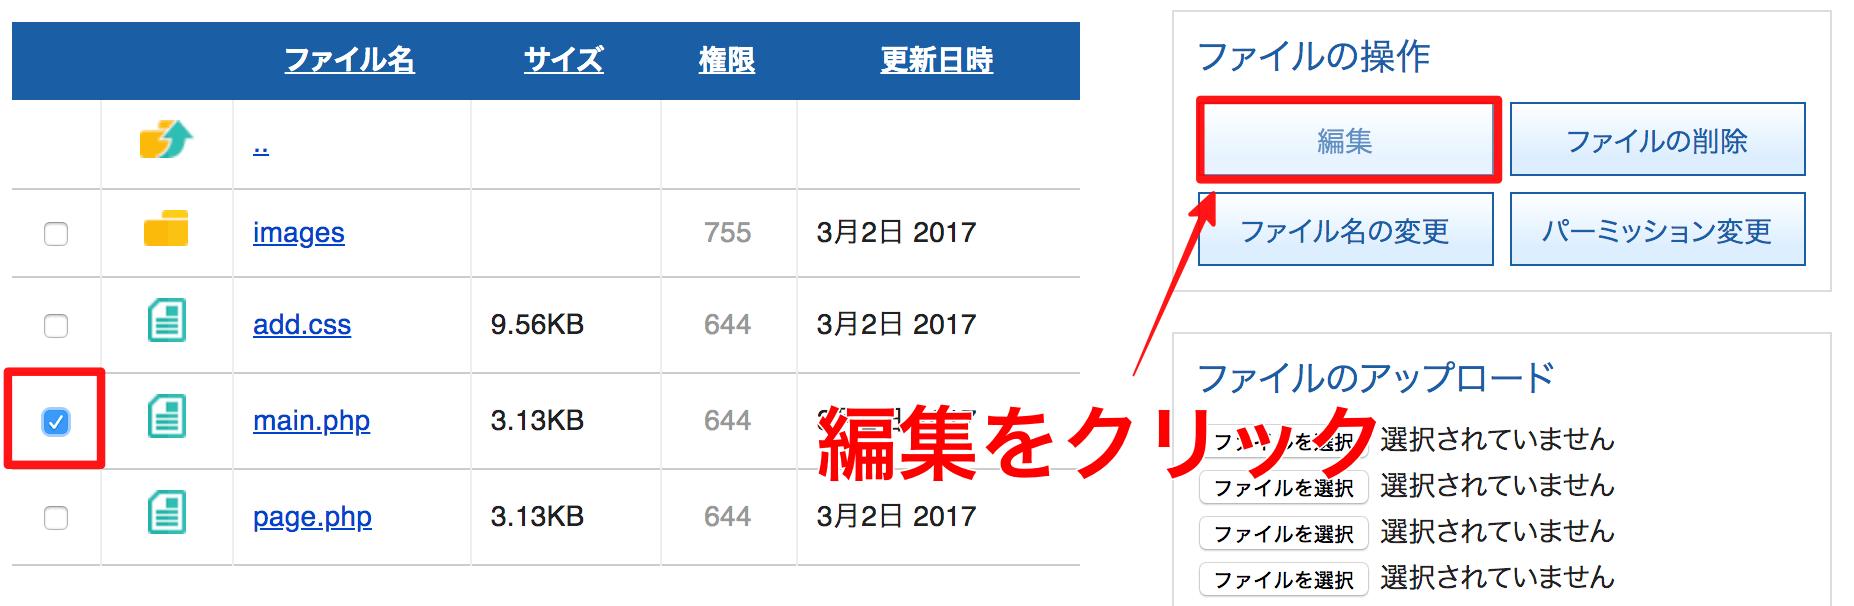 main.php編集